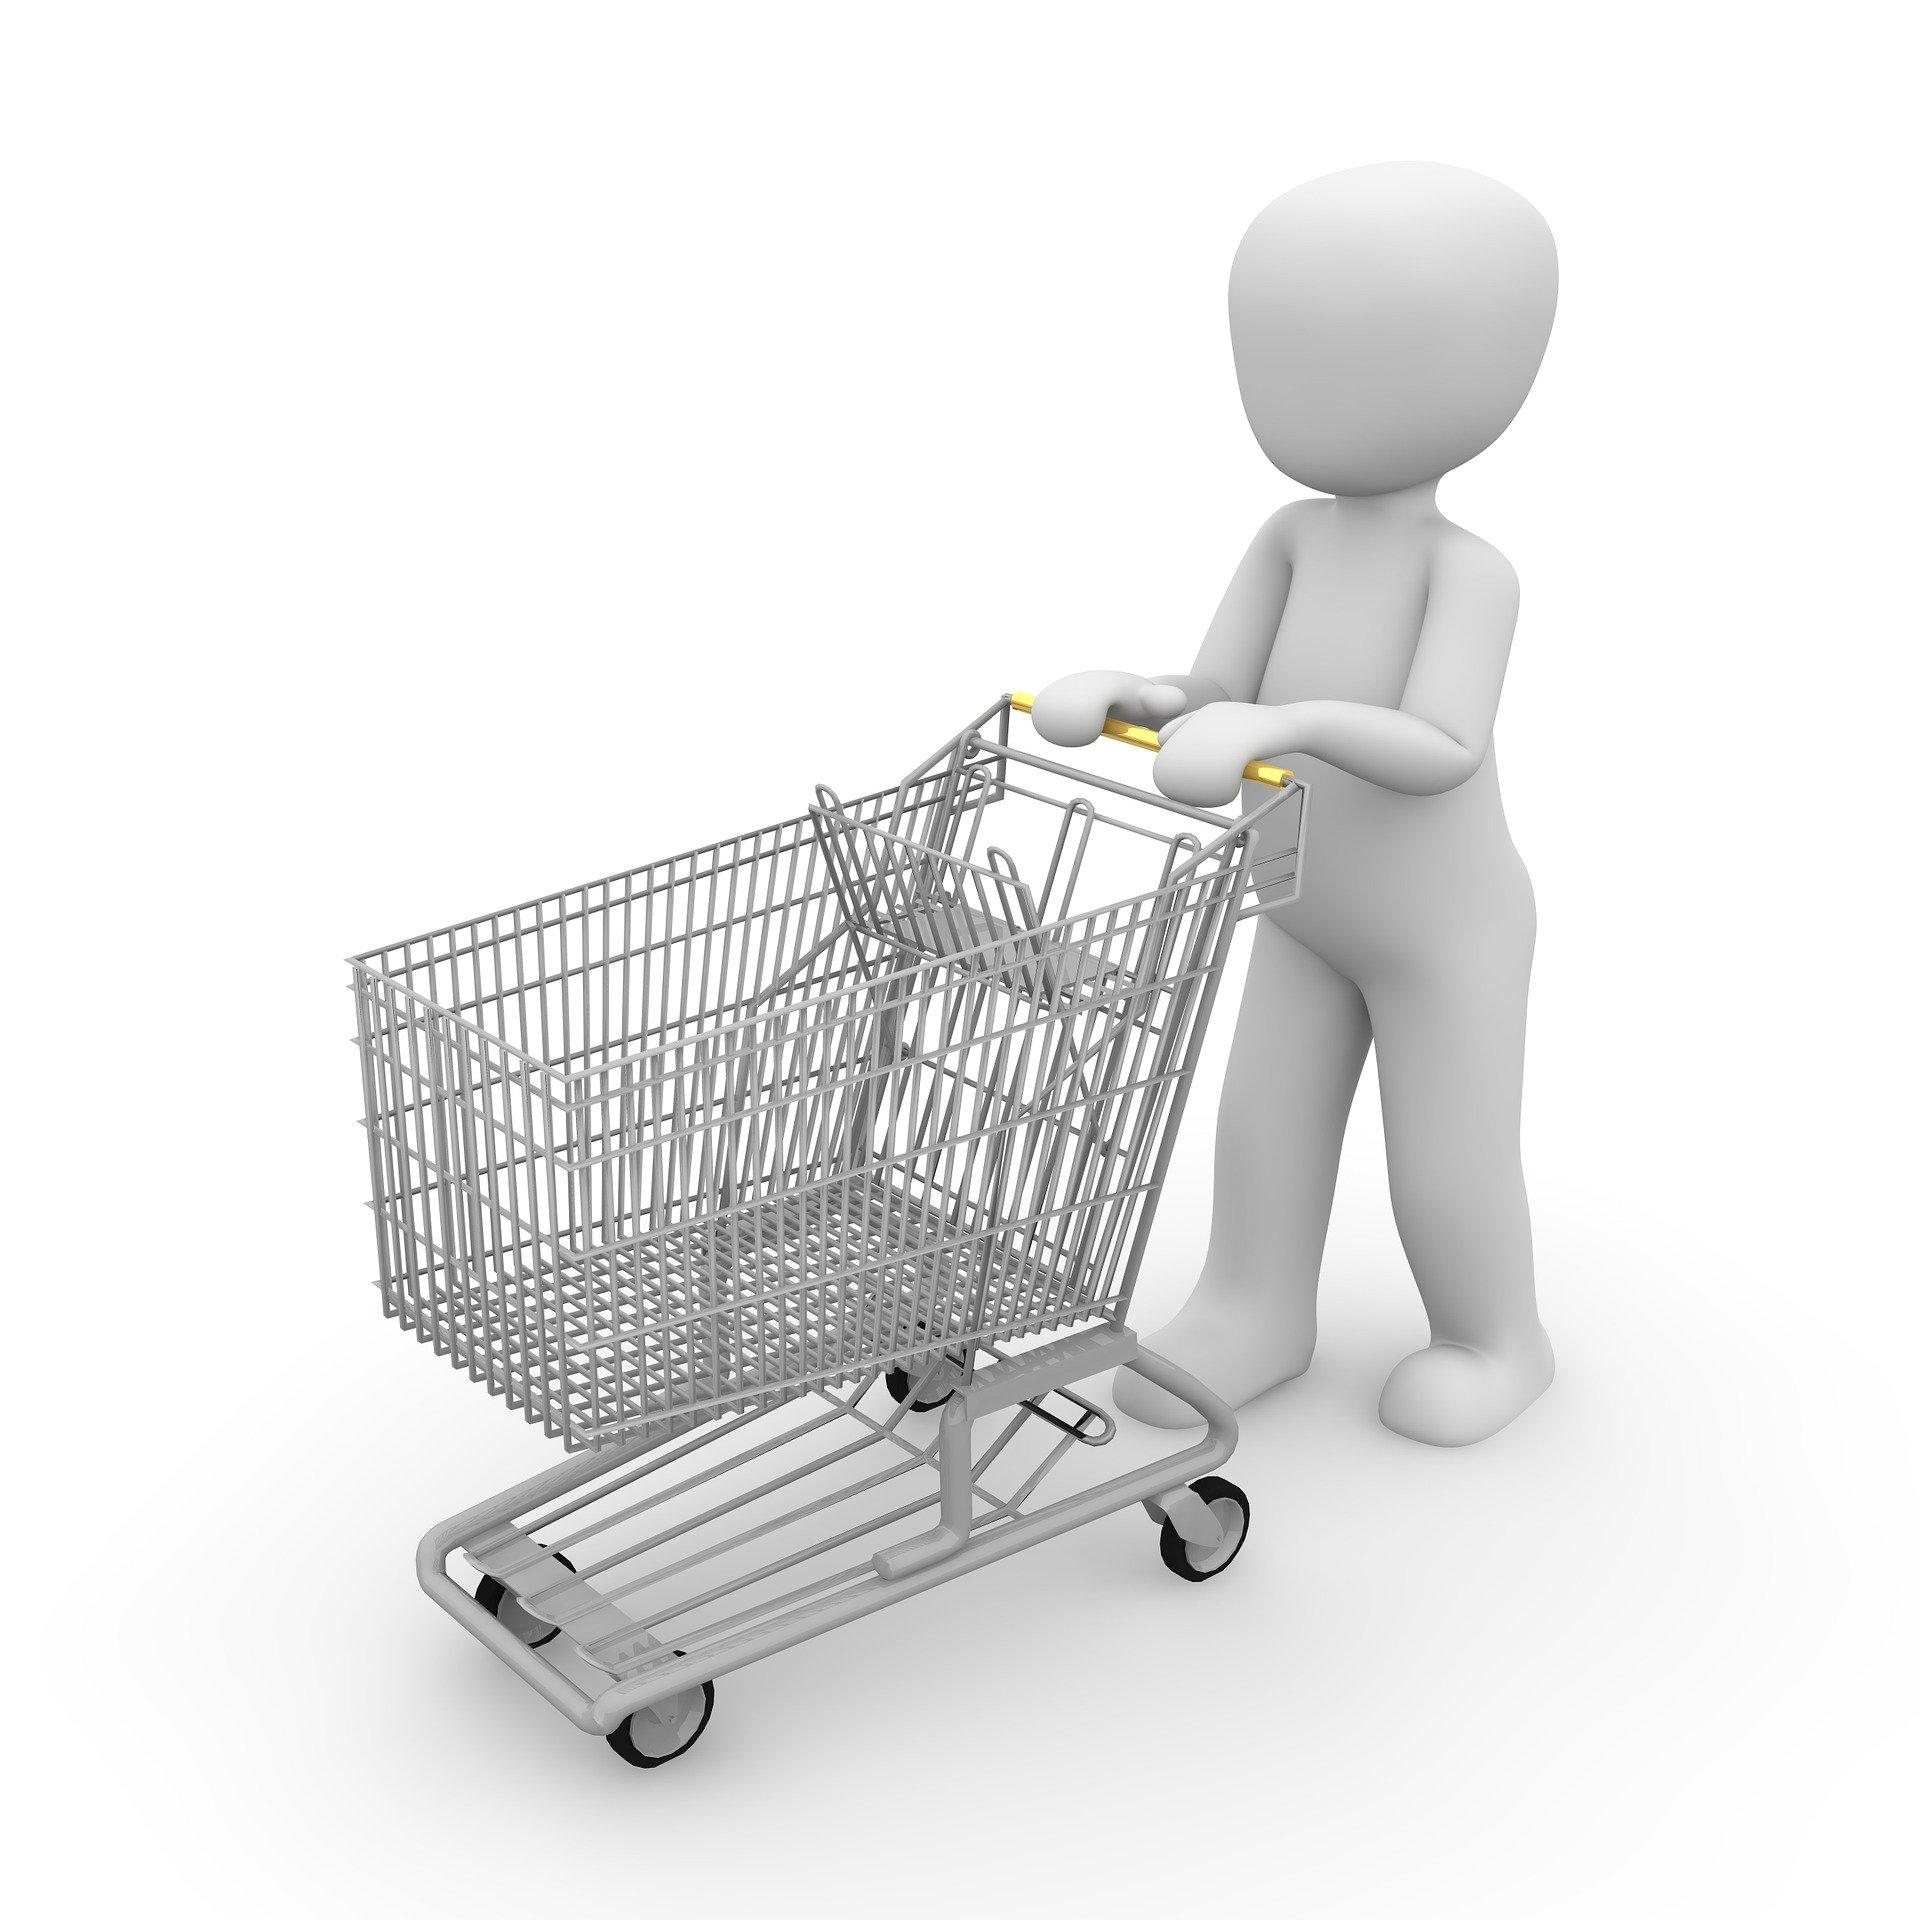 Prodej dílů pro průmyslovou automatizaci